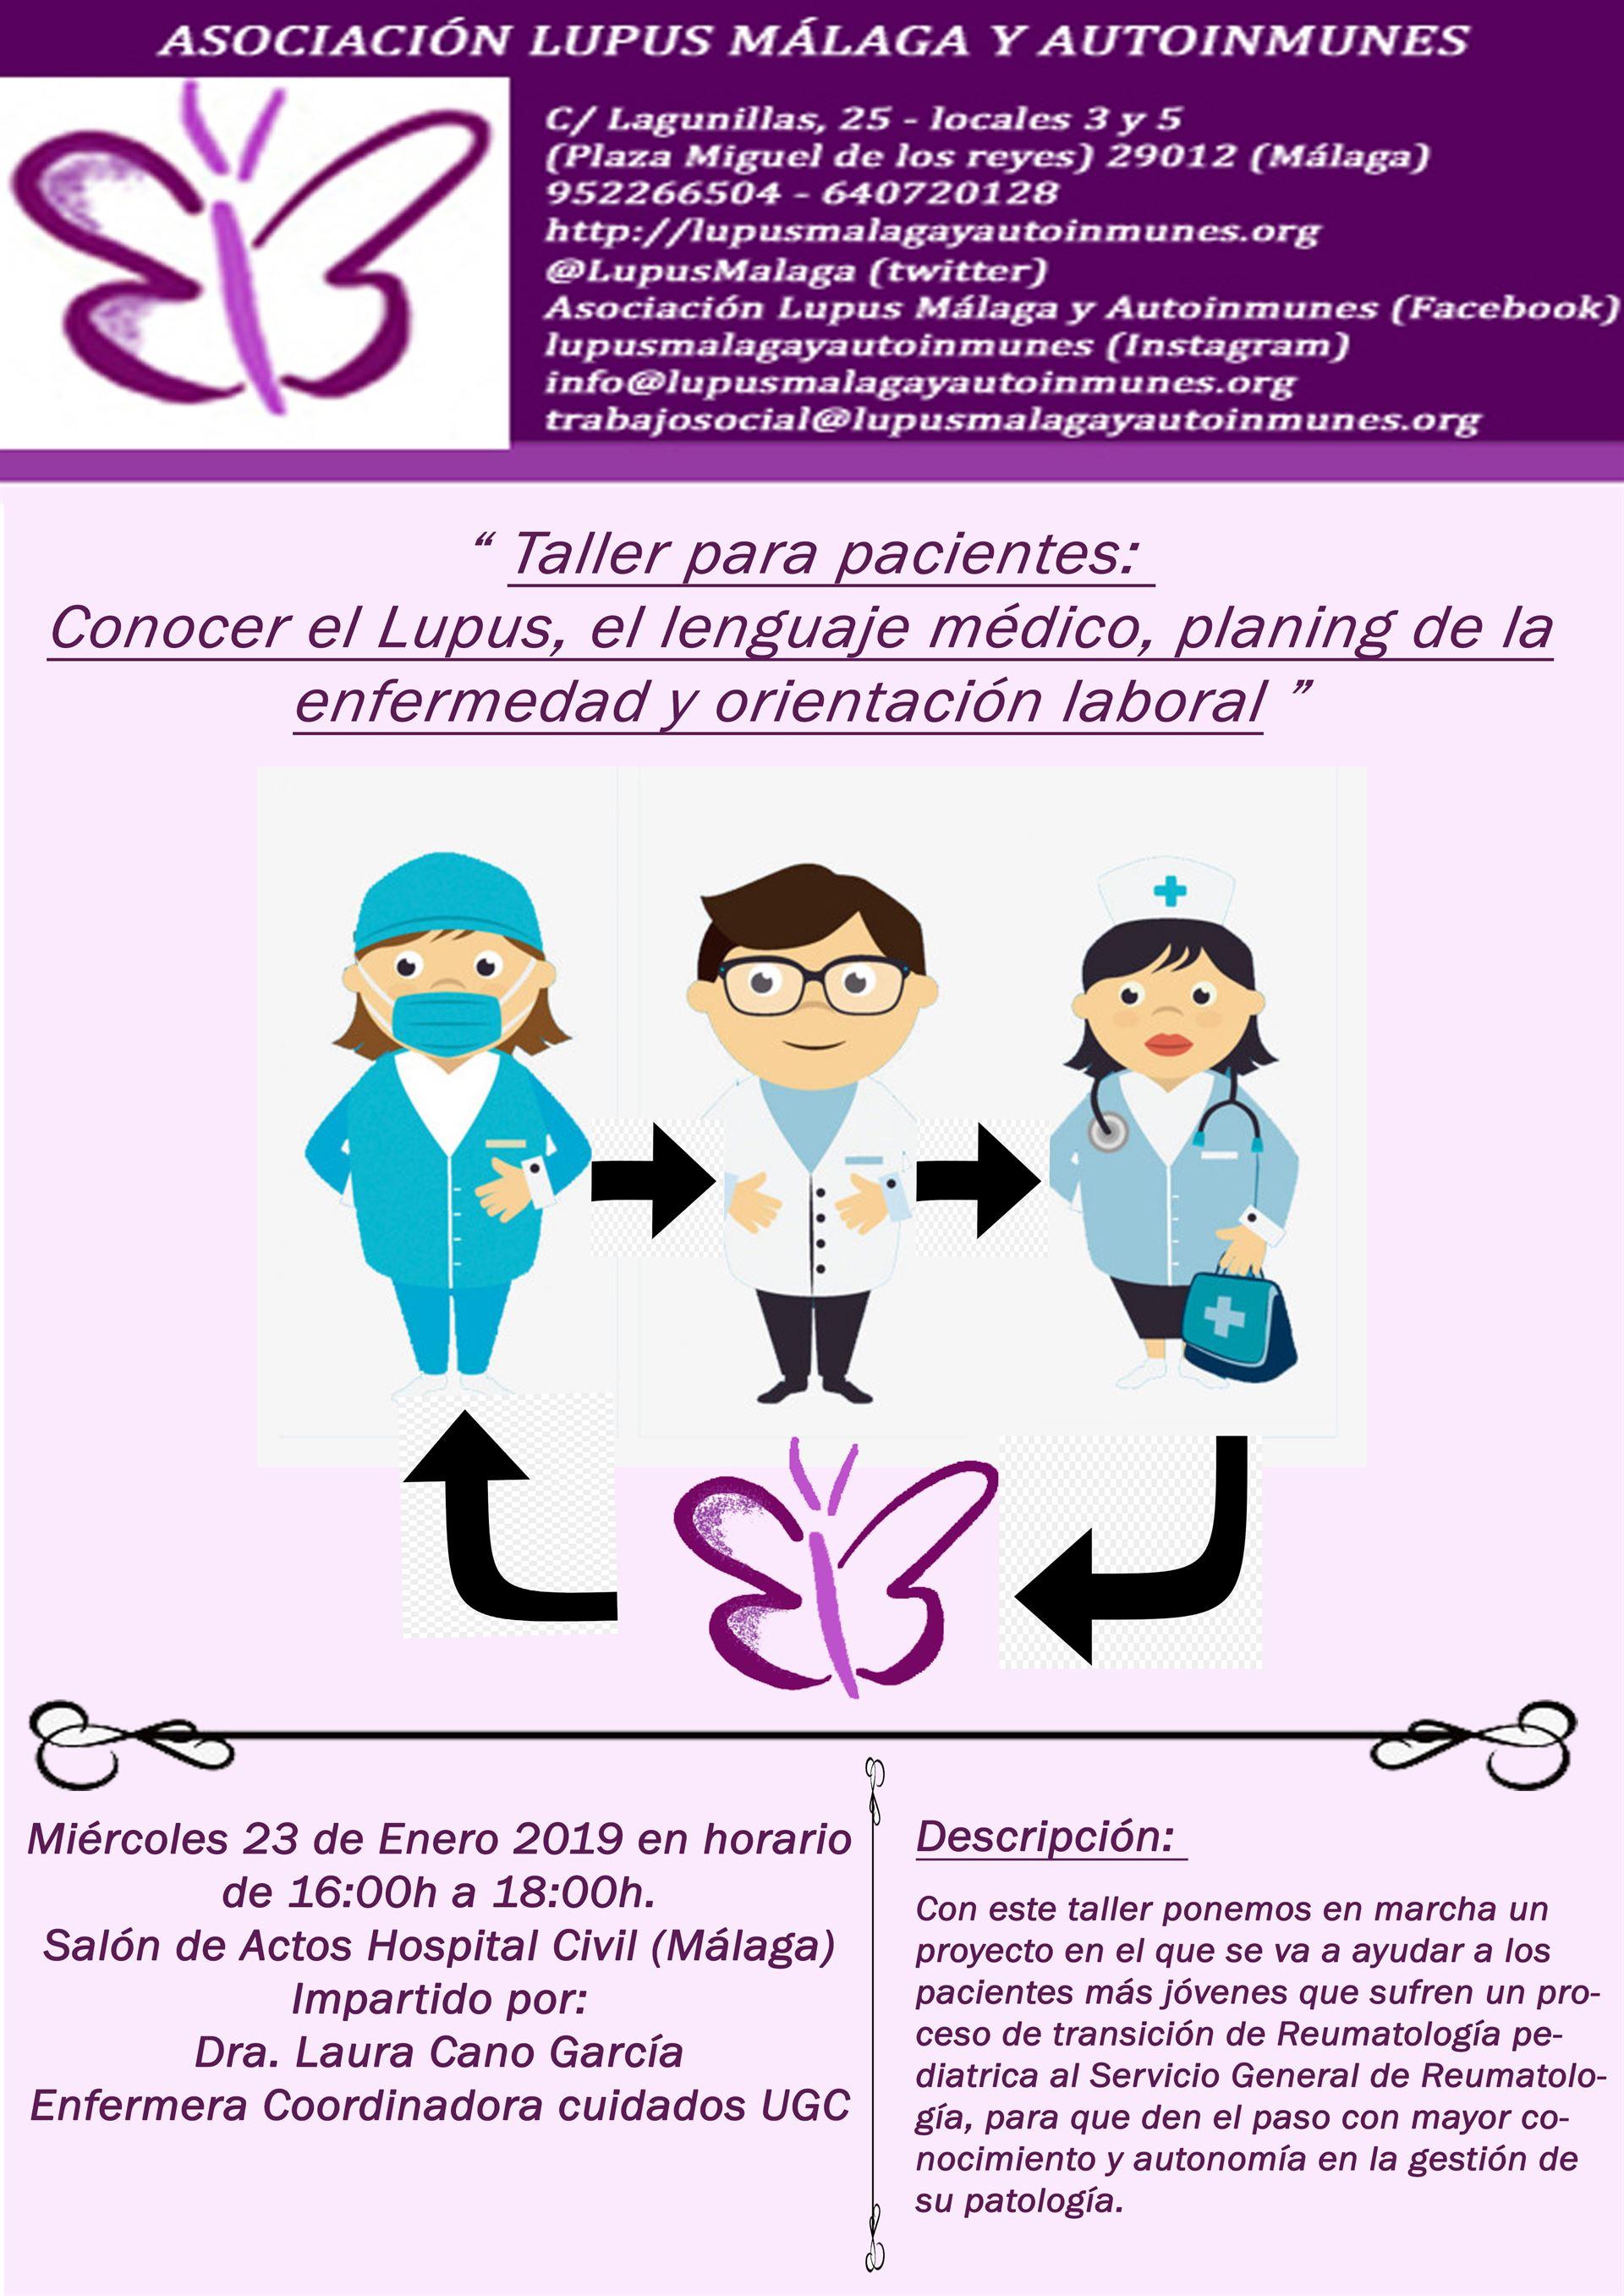 Próximo taller para pacientes con el servicio de Reumatología. 23 de Enero de 2019 a las 16:00h. – 18:00h.